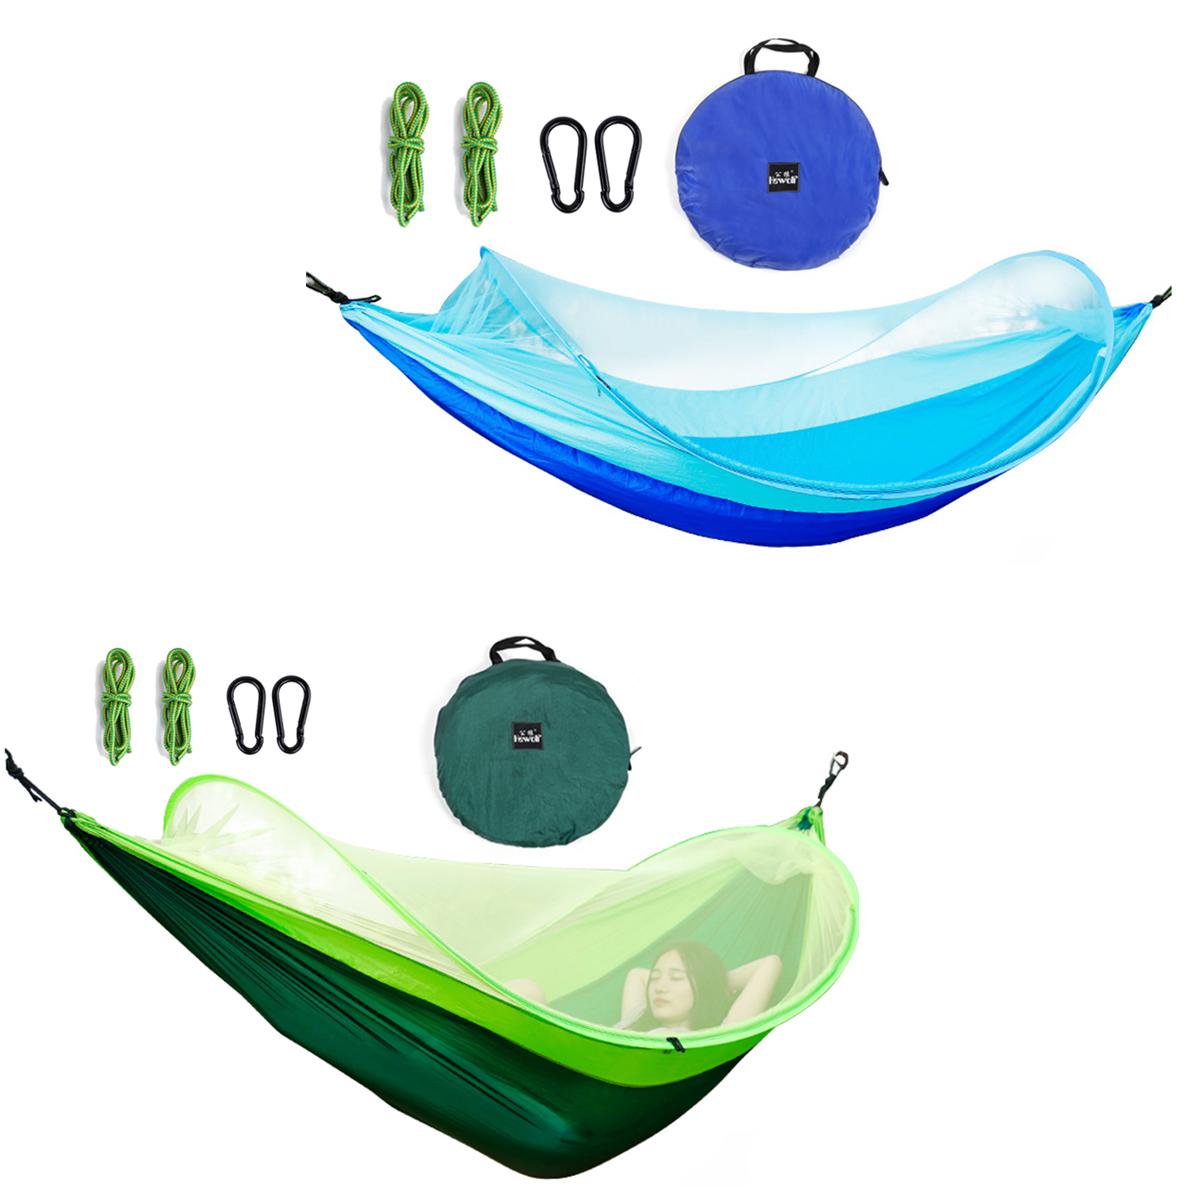 260x150смНаоткрытомвоздухеДвойной гамак Кемпинг Подвесная качающаяся кровать с москитной сеткой Макс. Нагрузка 200 кг